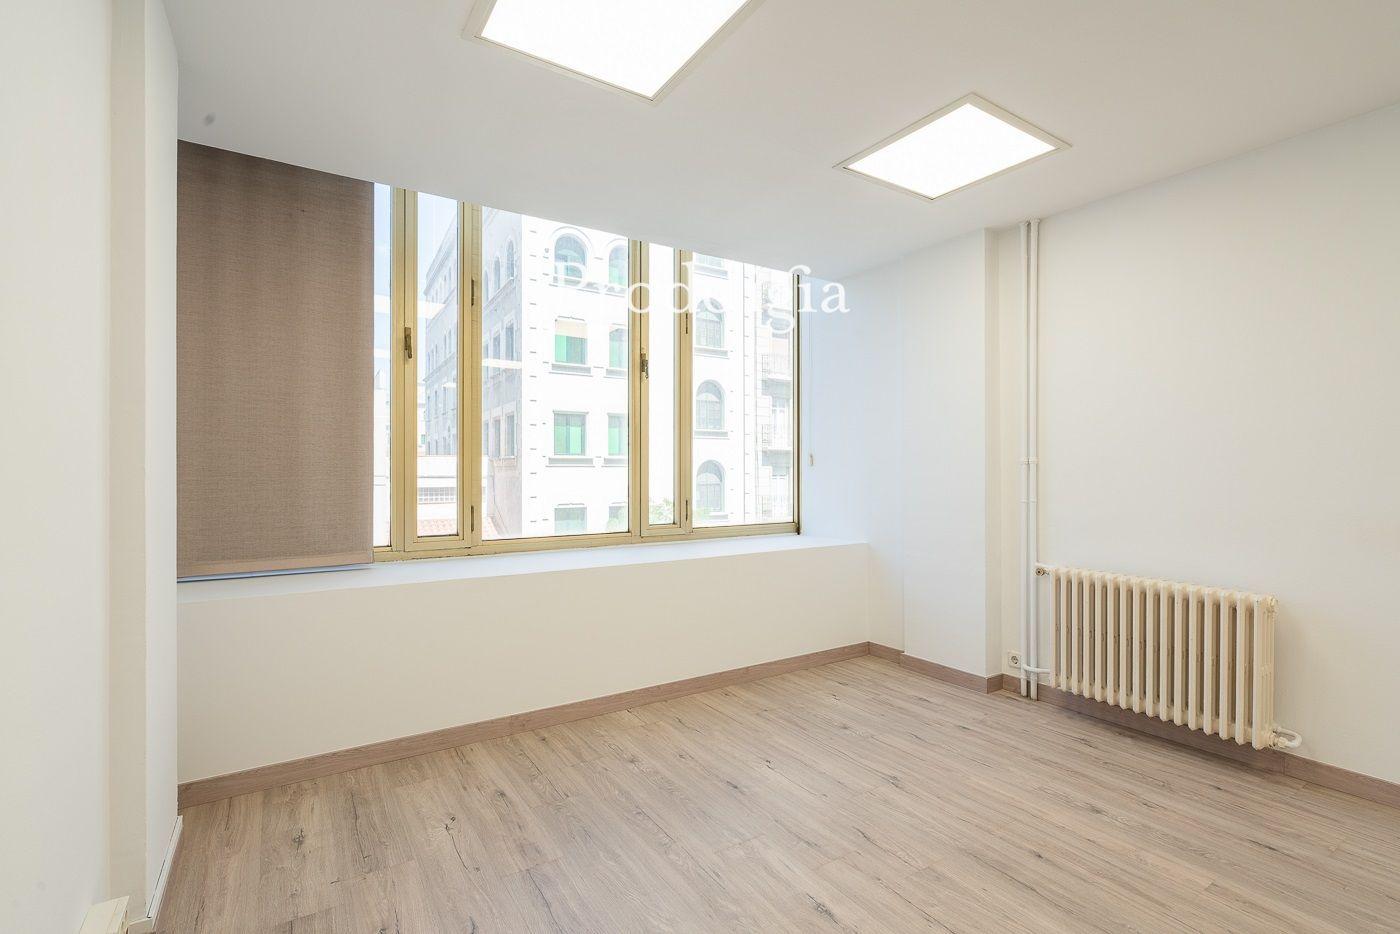 Oficina reformada en Travessera de Gracia con calle Tusset